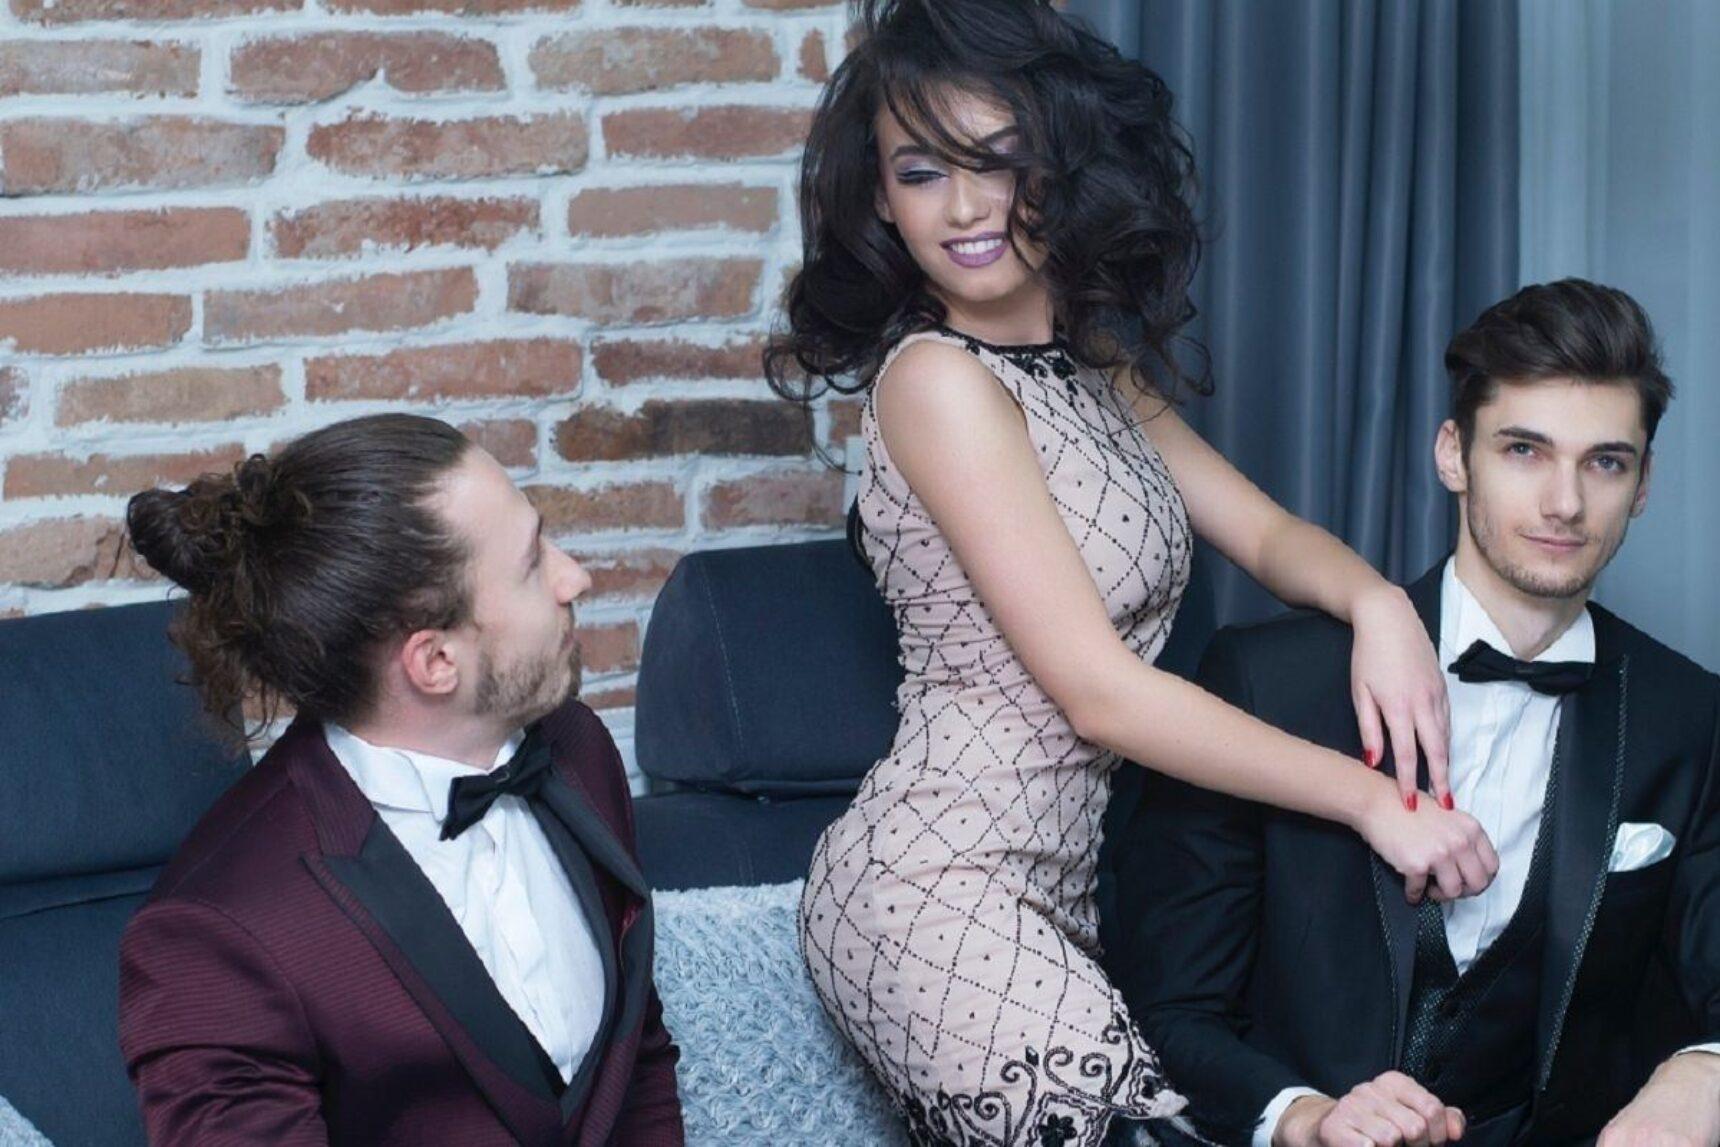 Jak się ubrać na wesele, aby czuć się komfortowo i wyglądać pięknie?